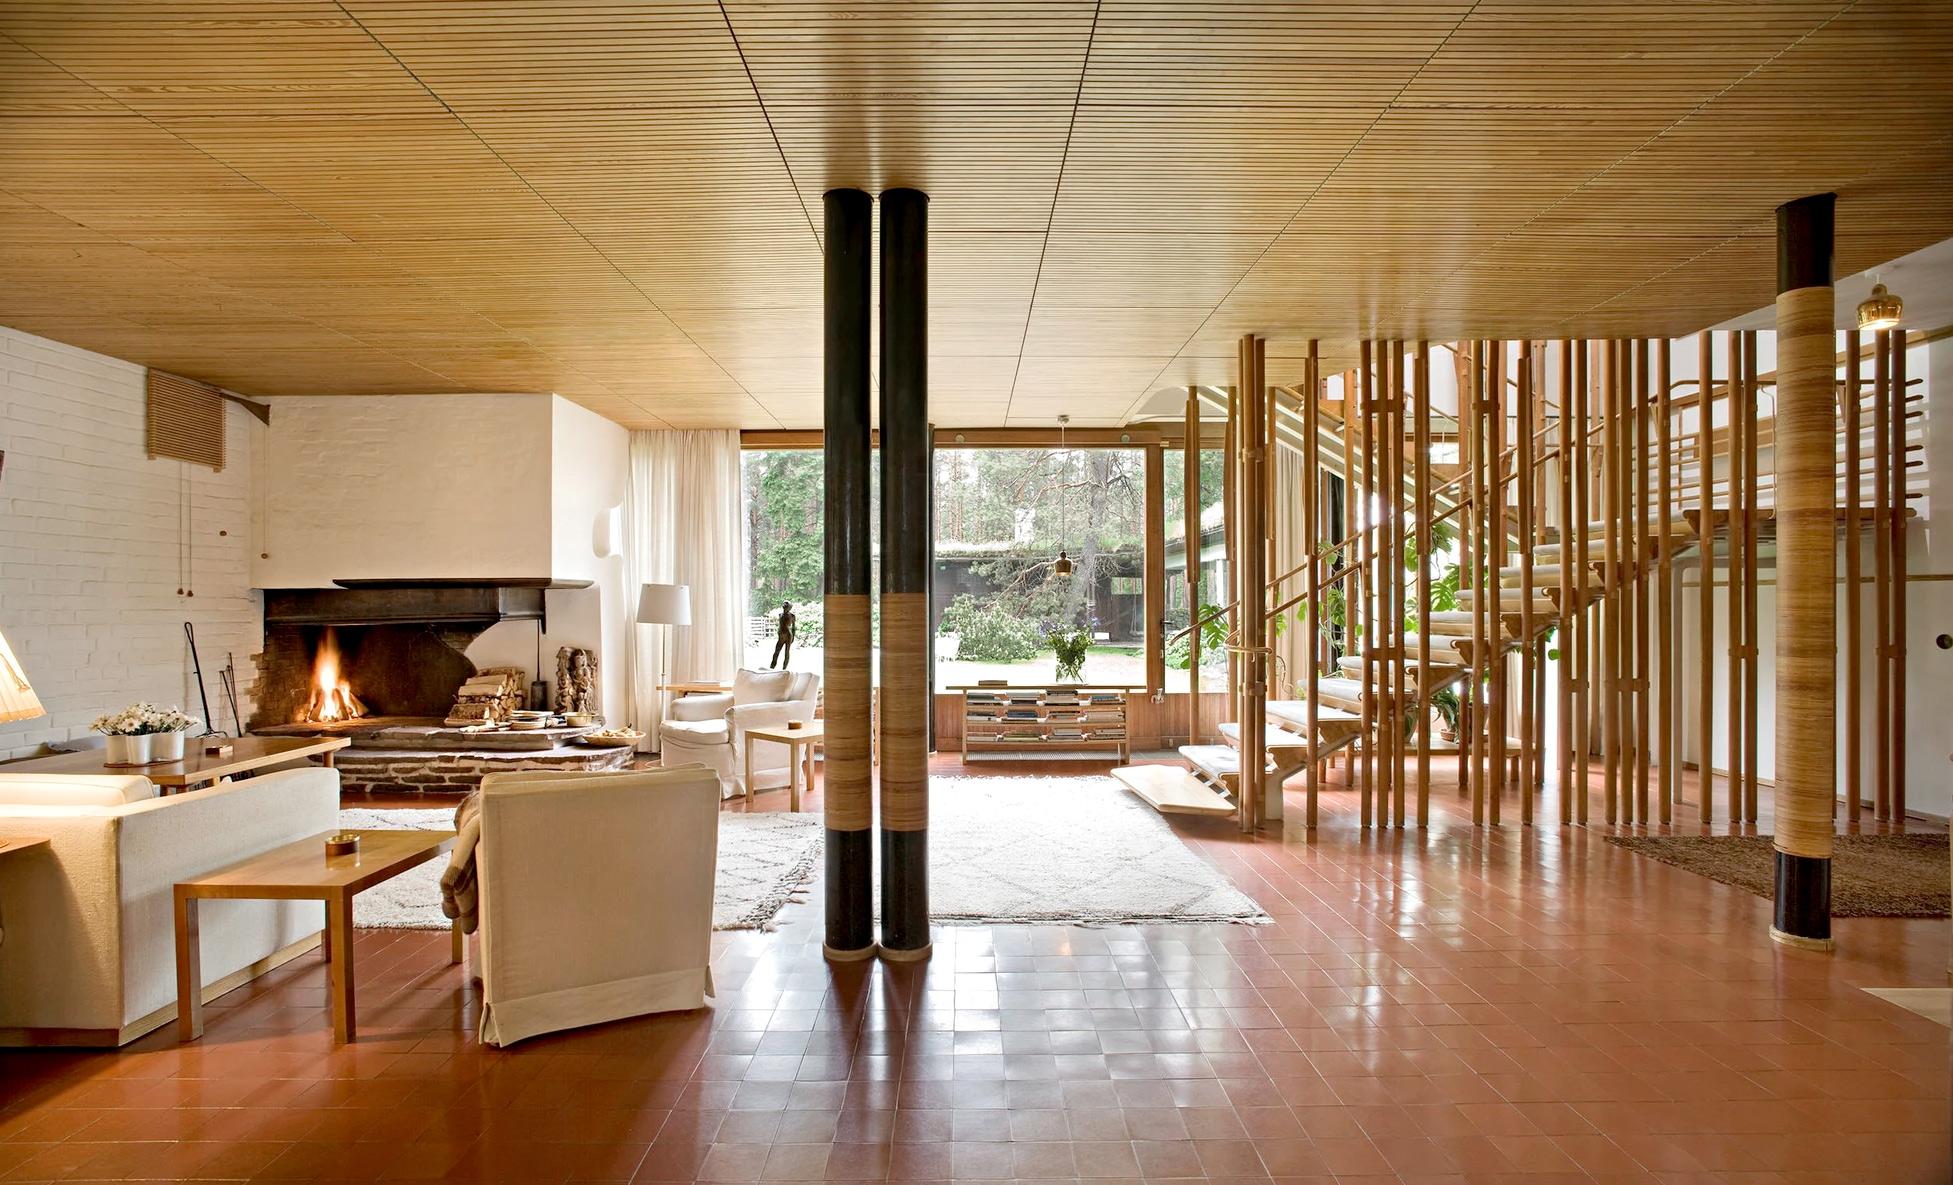 Villa Mairea Alvar Aalto Studio 120 Architetture E Design Piacenza